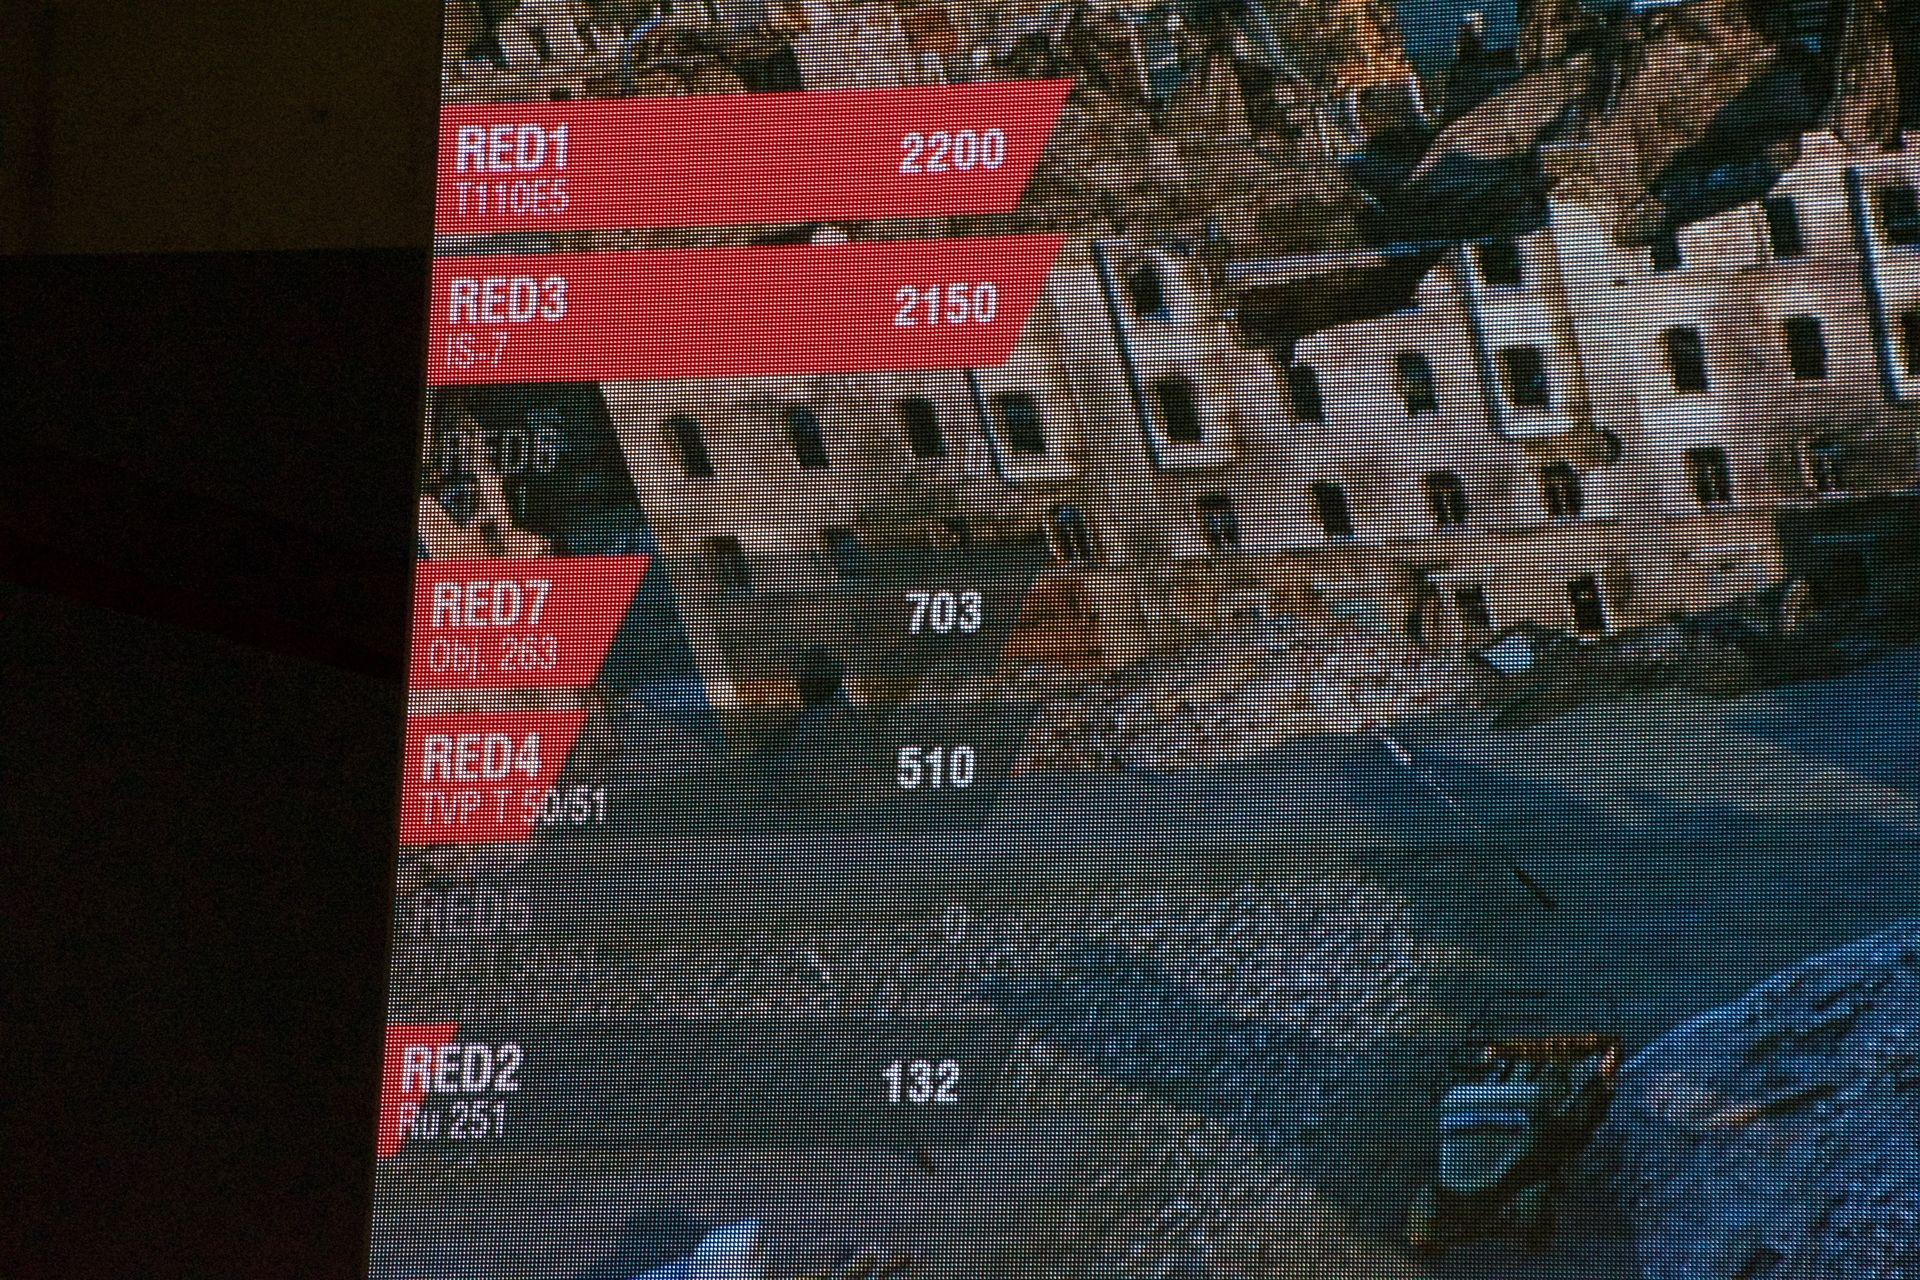 終盤の状態。赤のGALLERIAチームは機動力のあるプレーヤーが先に狩られて眼を奪われた状況に対し、青のWargaming Allianceに至っては軽戦車だけが落ちた状態